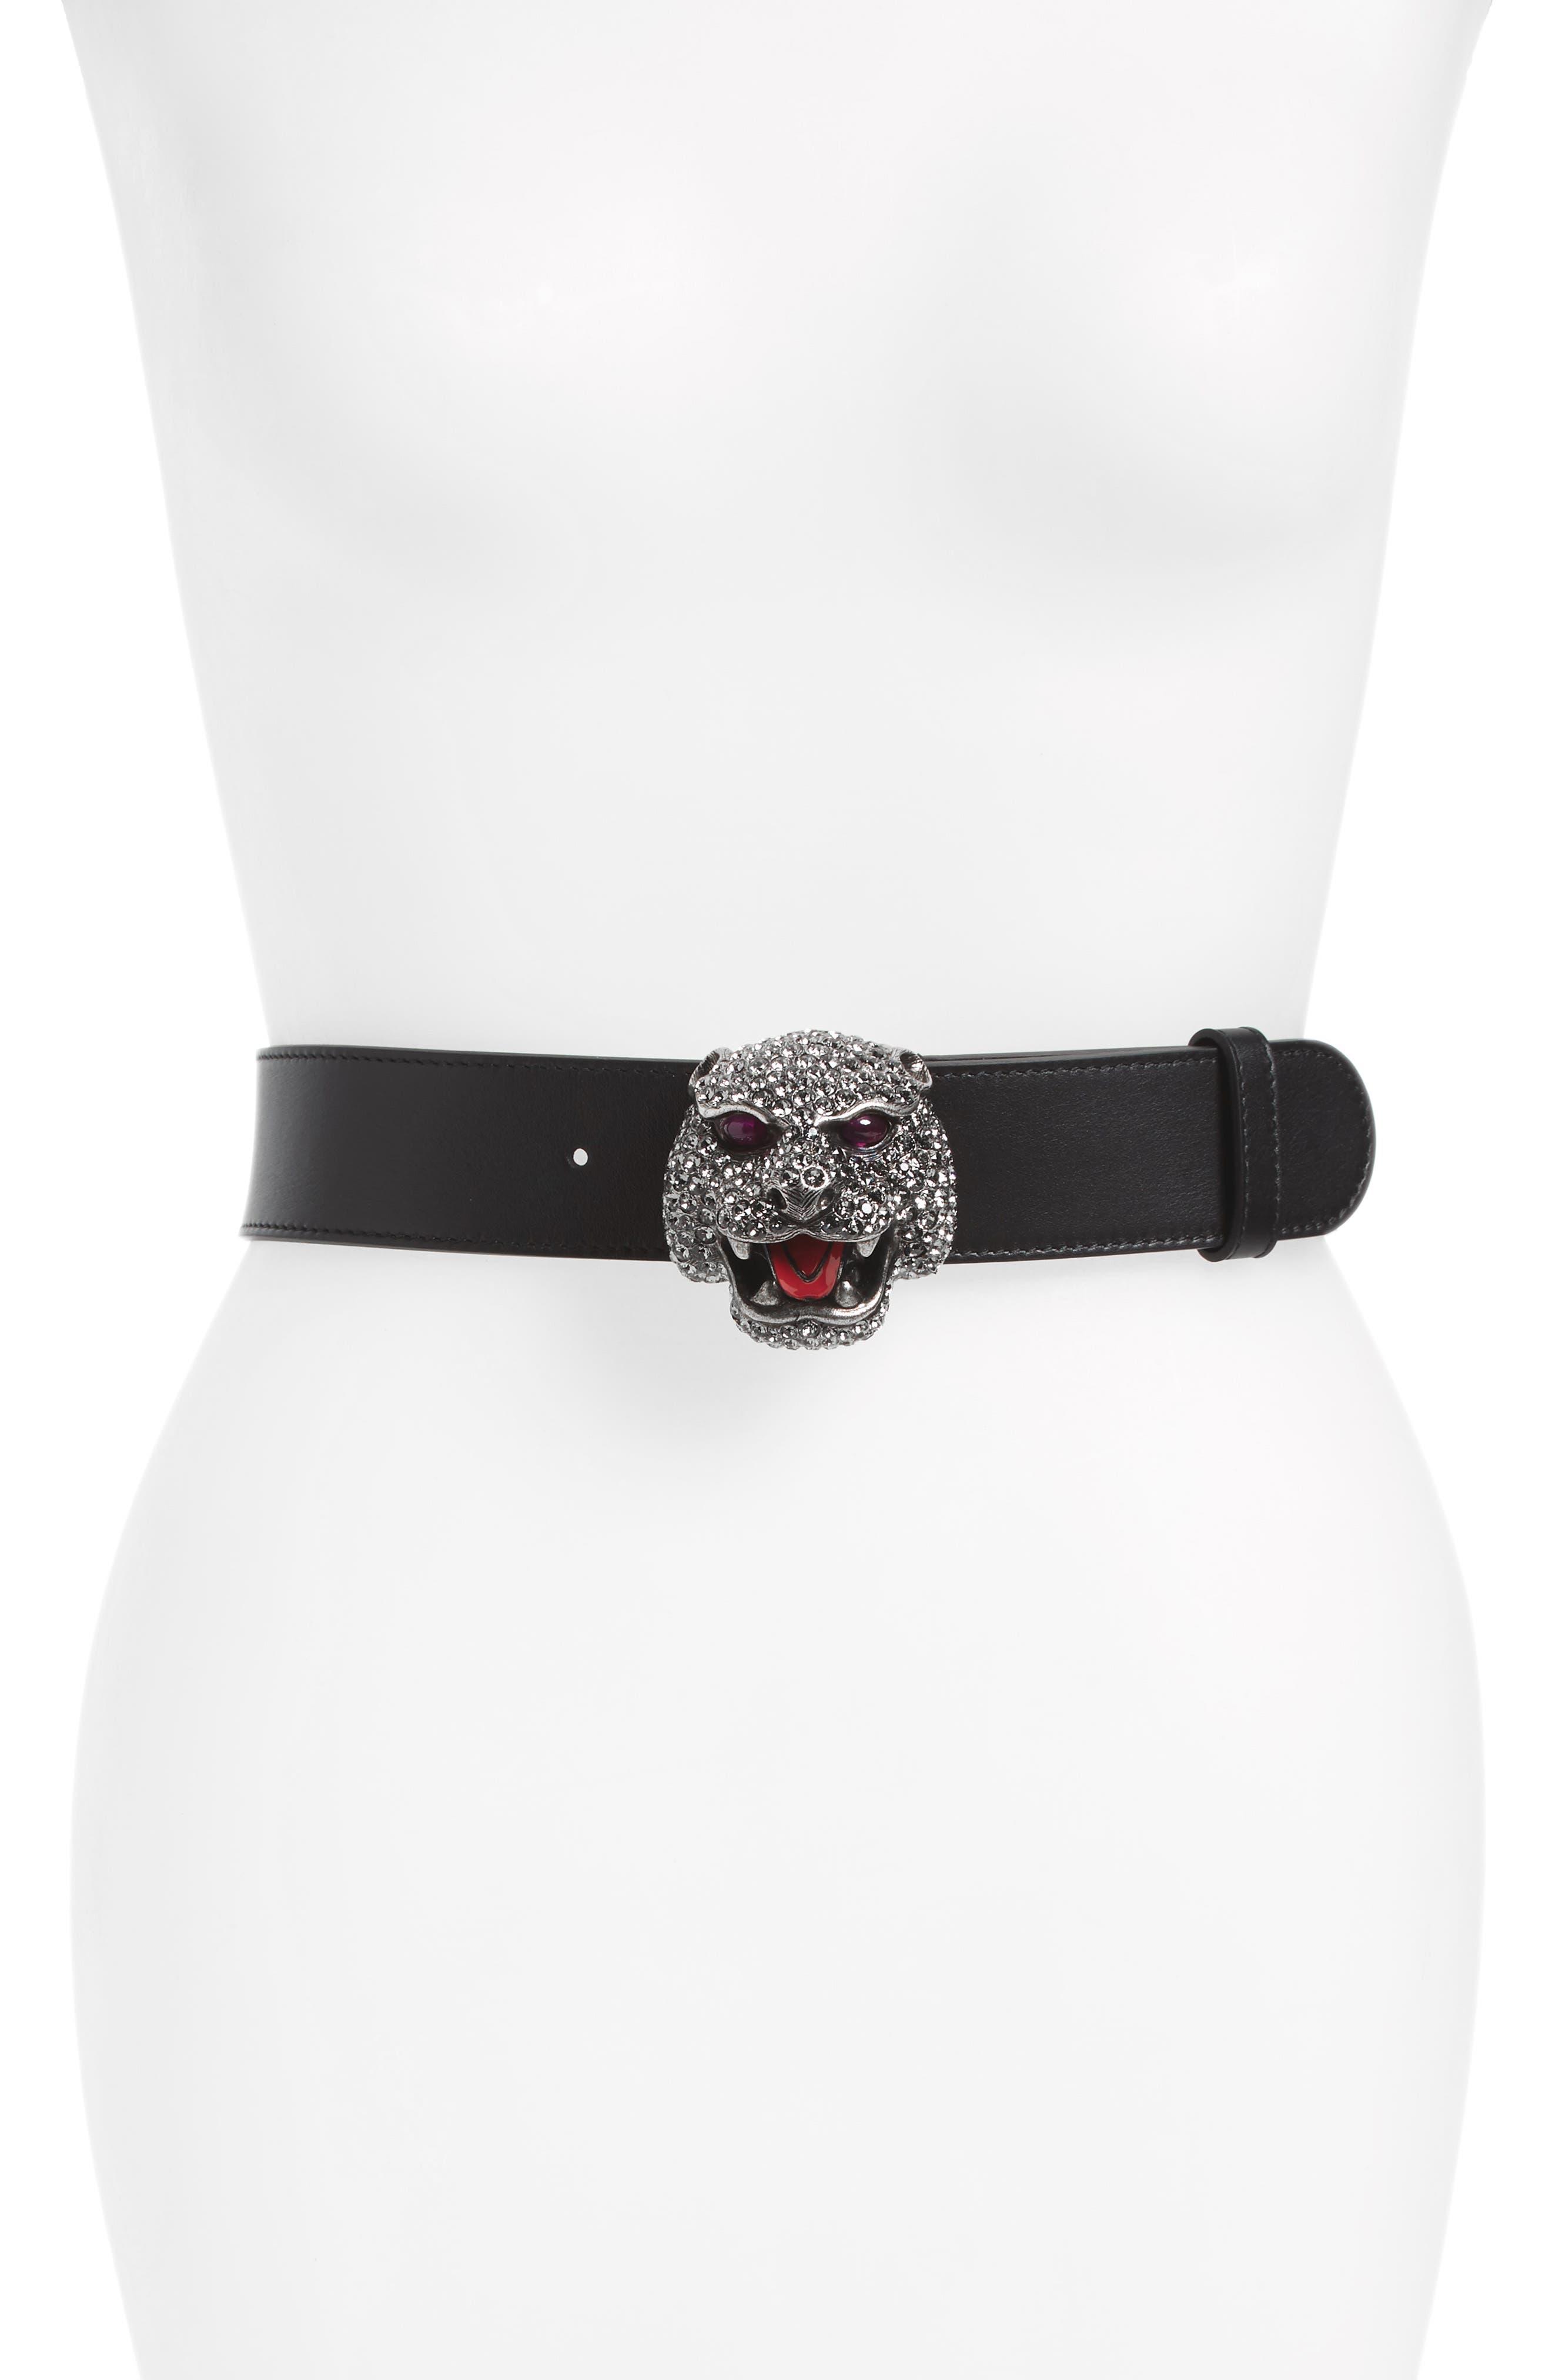 Tiger Buckle Calfskin Leather Belt,                         Main,                         color, Black